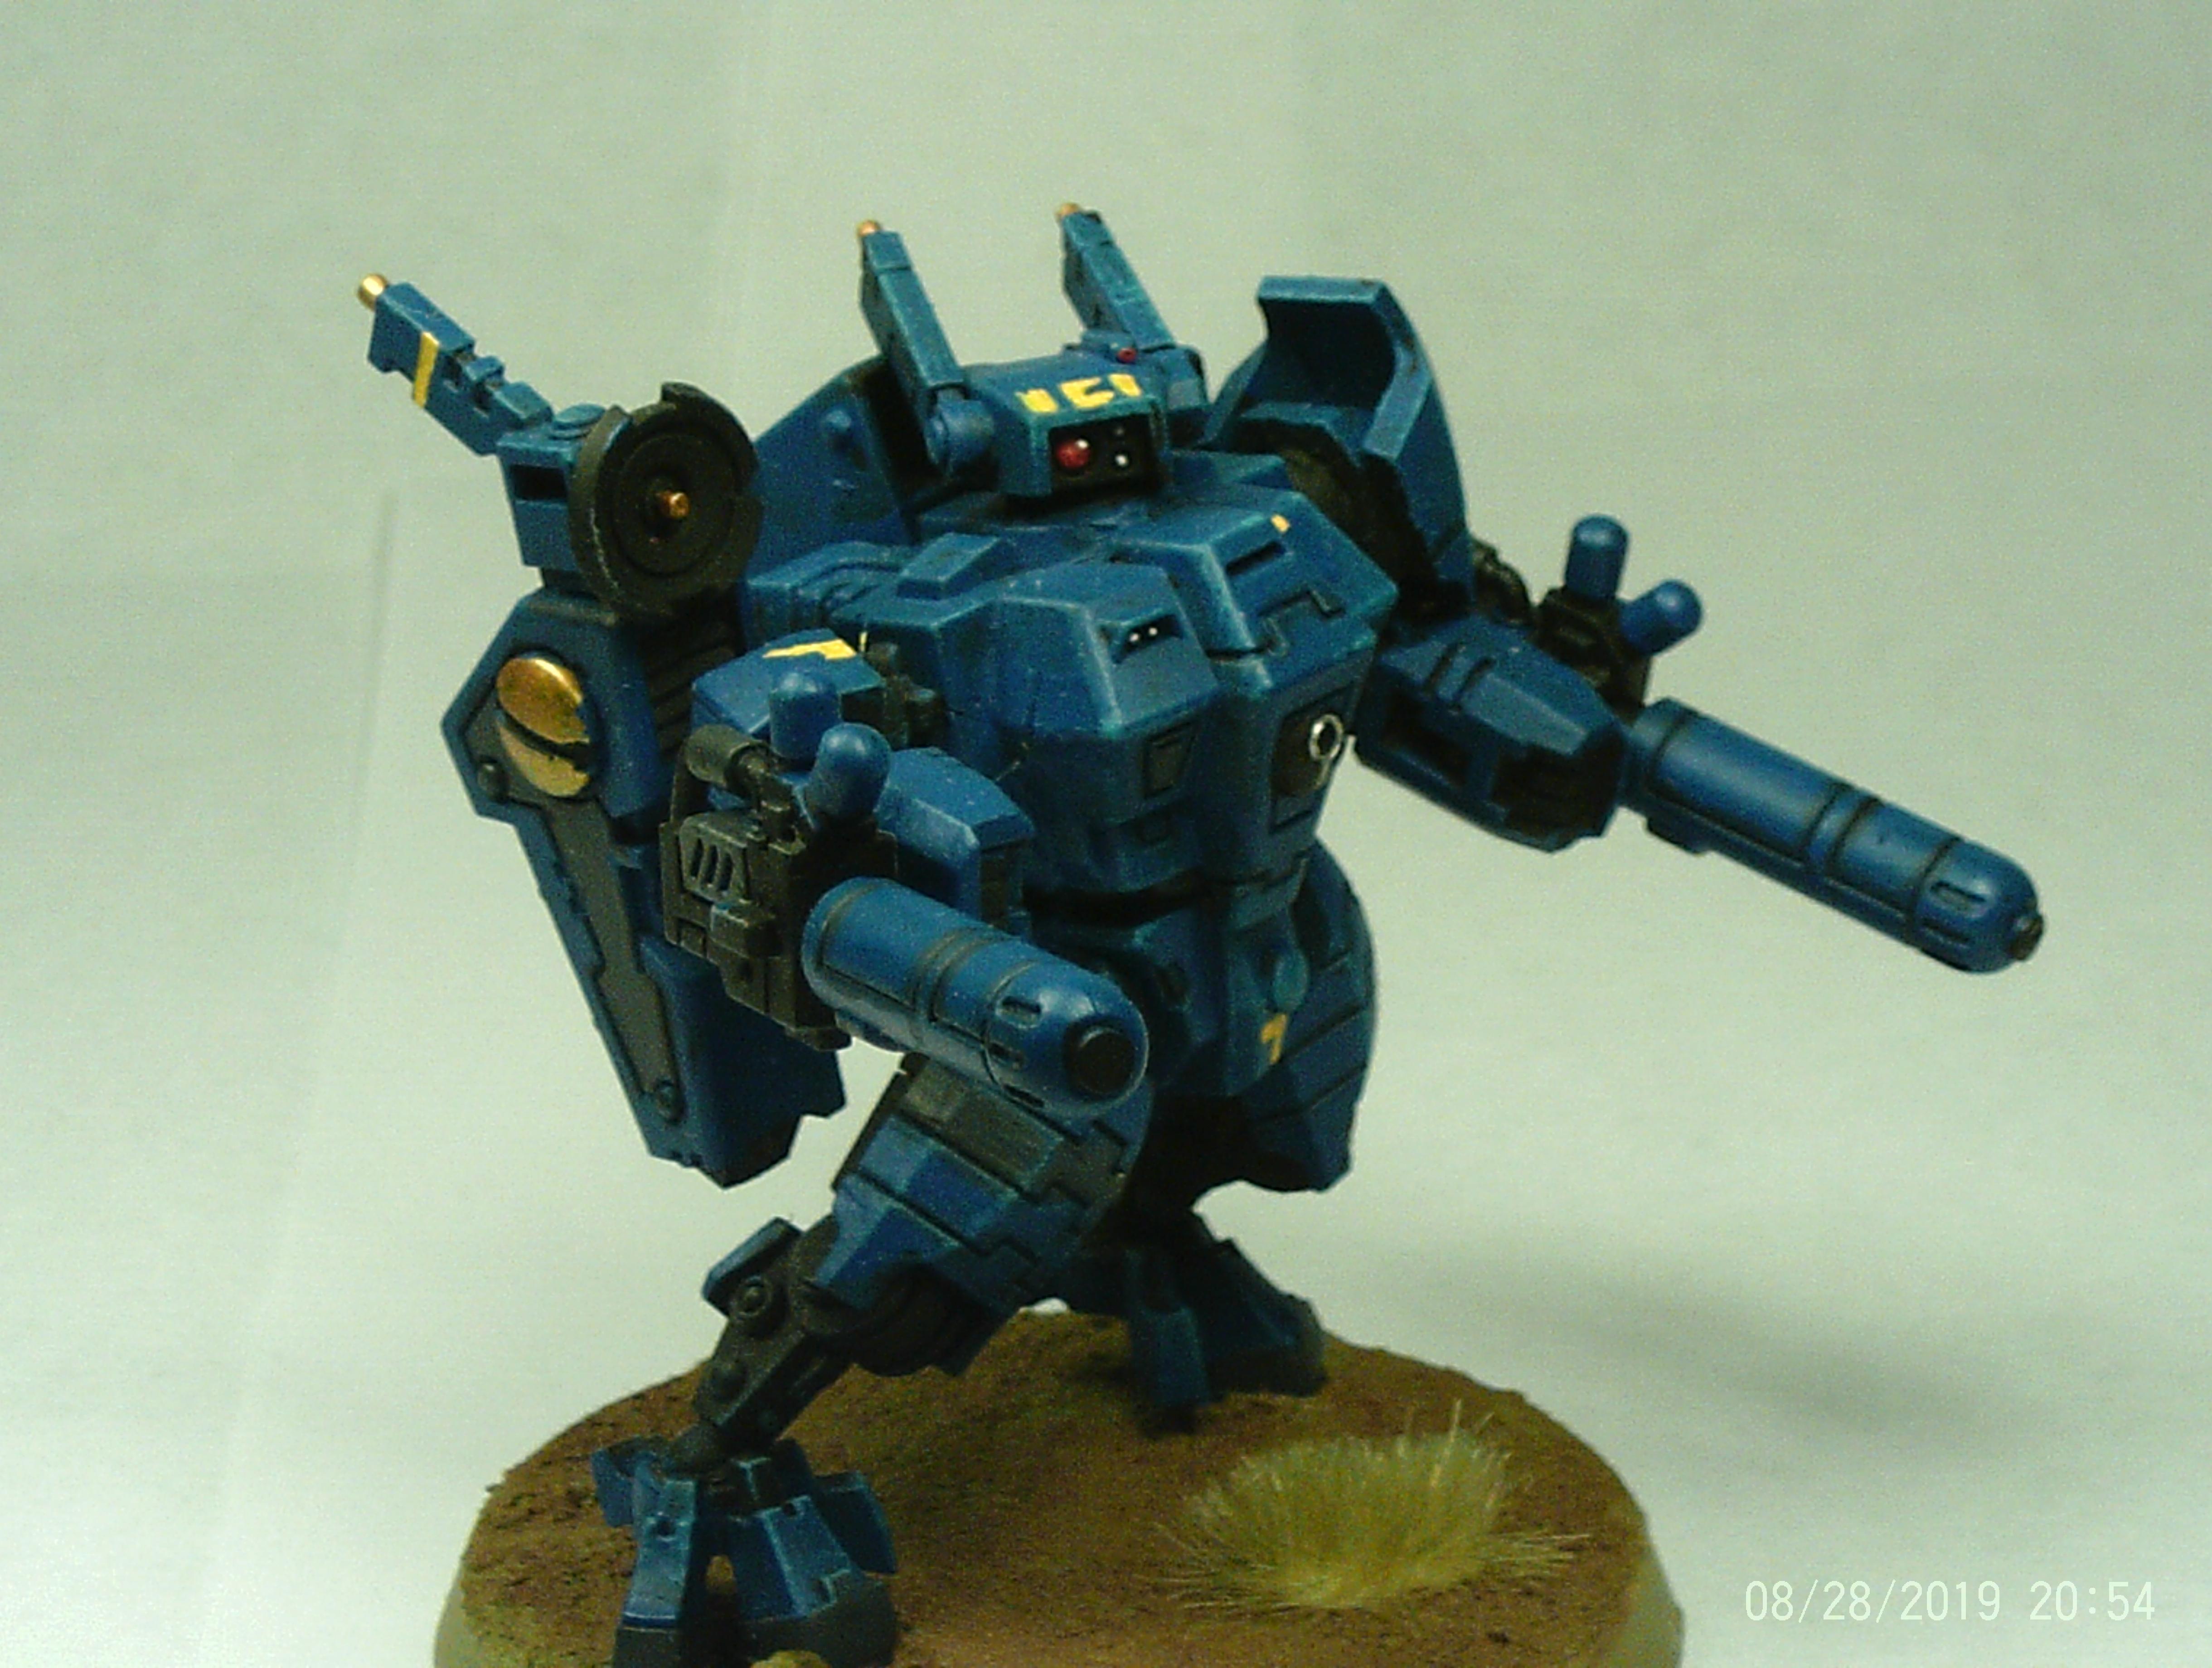 Battlesuit, Blaster, Caste, Crisis Battlesuit, Empire, Fire, Ion, Mecha, Missile, Plasma, Robot, Tau